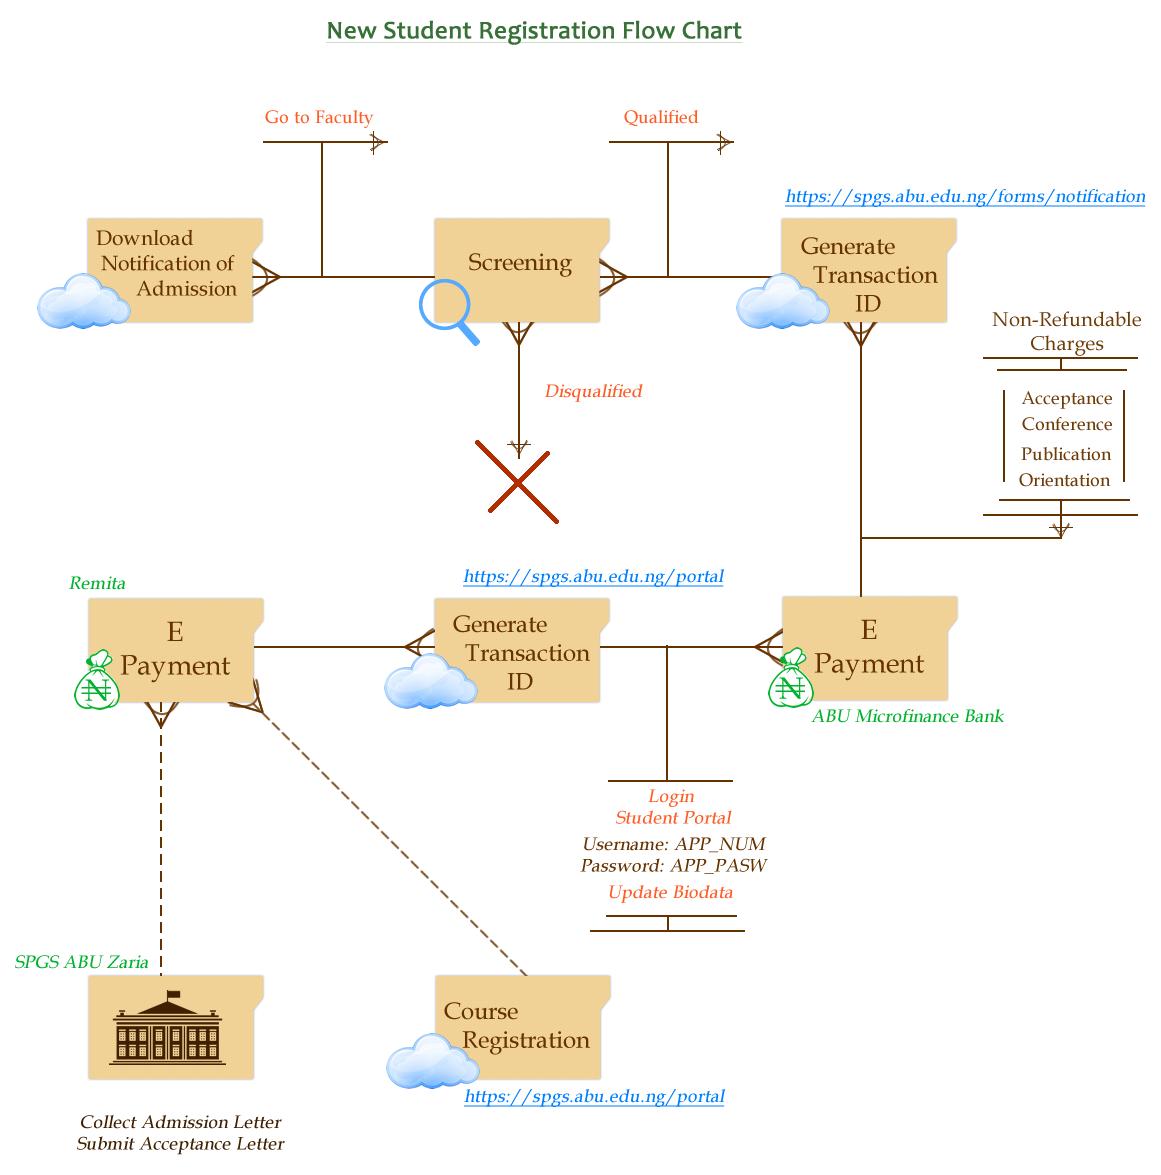 أبو ظبي الدراسات العليا إجراءات التسجيل 2